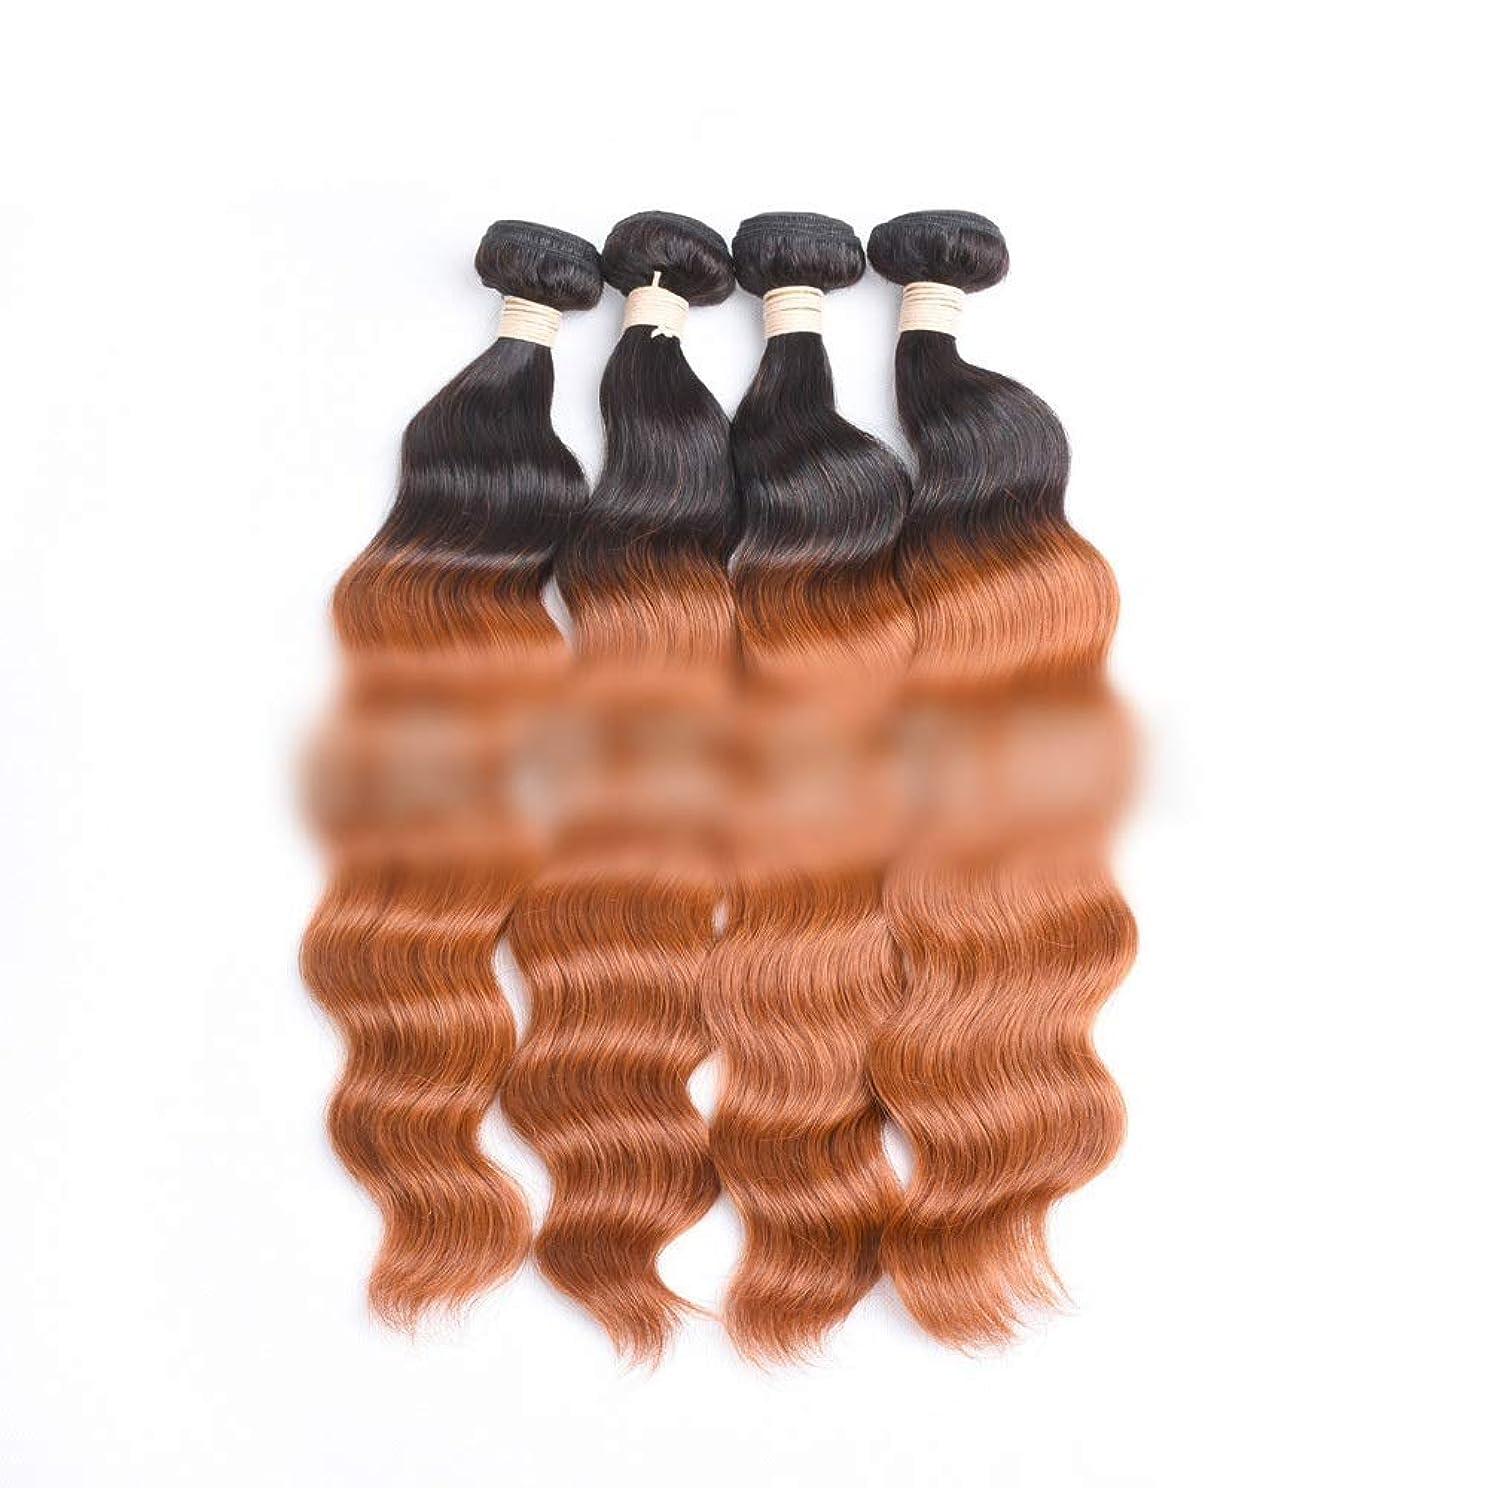 納得させる真向こう柔和BOBIDYEE ブラジルのオーシャンウェーブヘア1バンドル未処理の人間の髪の毛の拡張子 - #30明るい茶色の色ロールプレイングかつら女性の自然なかつら (色 : ブラウン, サイズ : 12 inch)